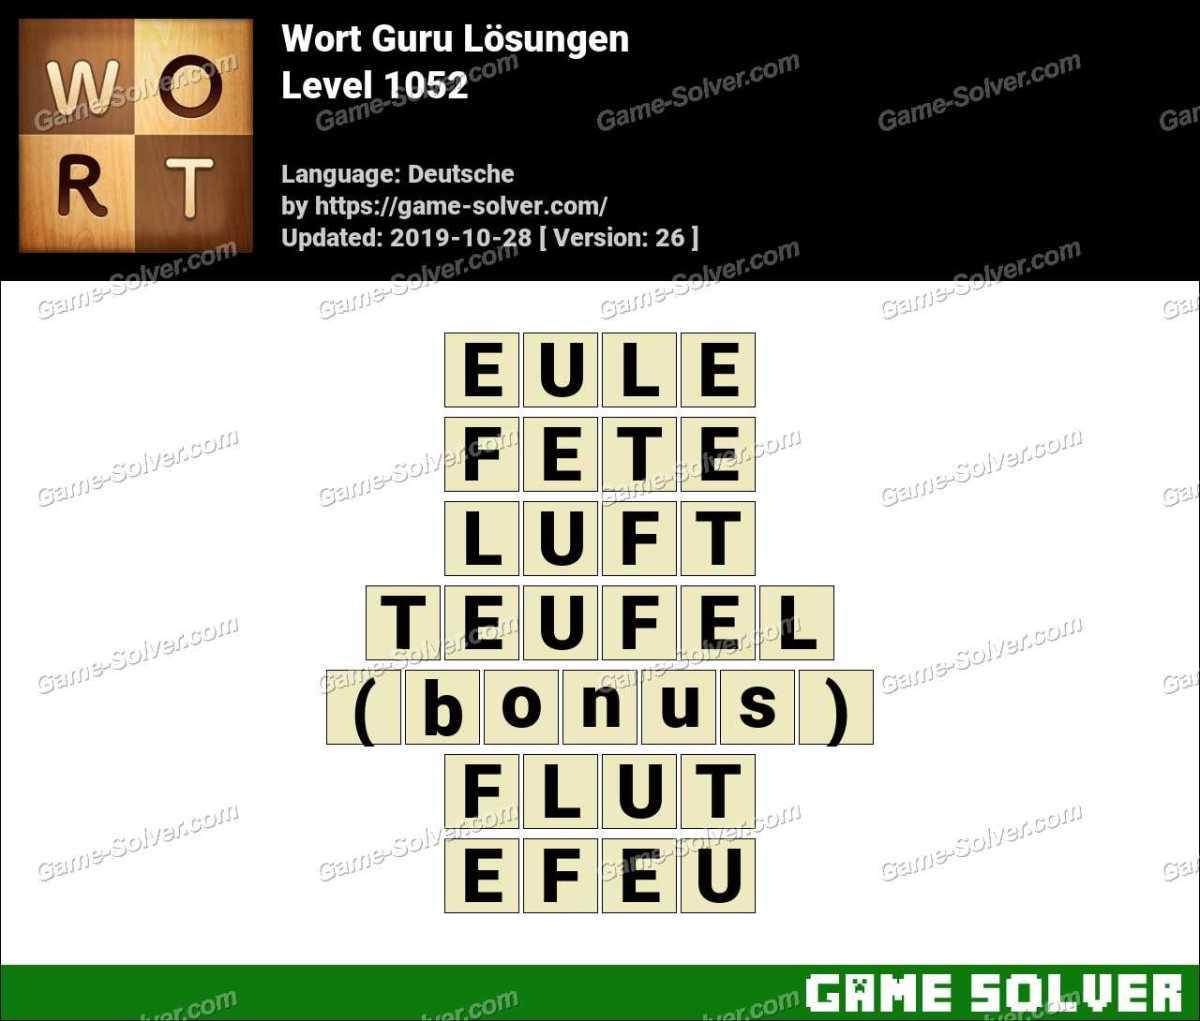 Wort Guru Level 1052 Lösungen